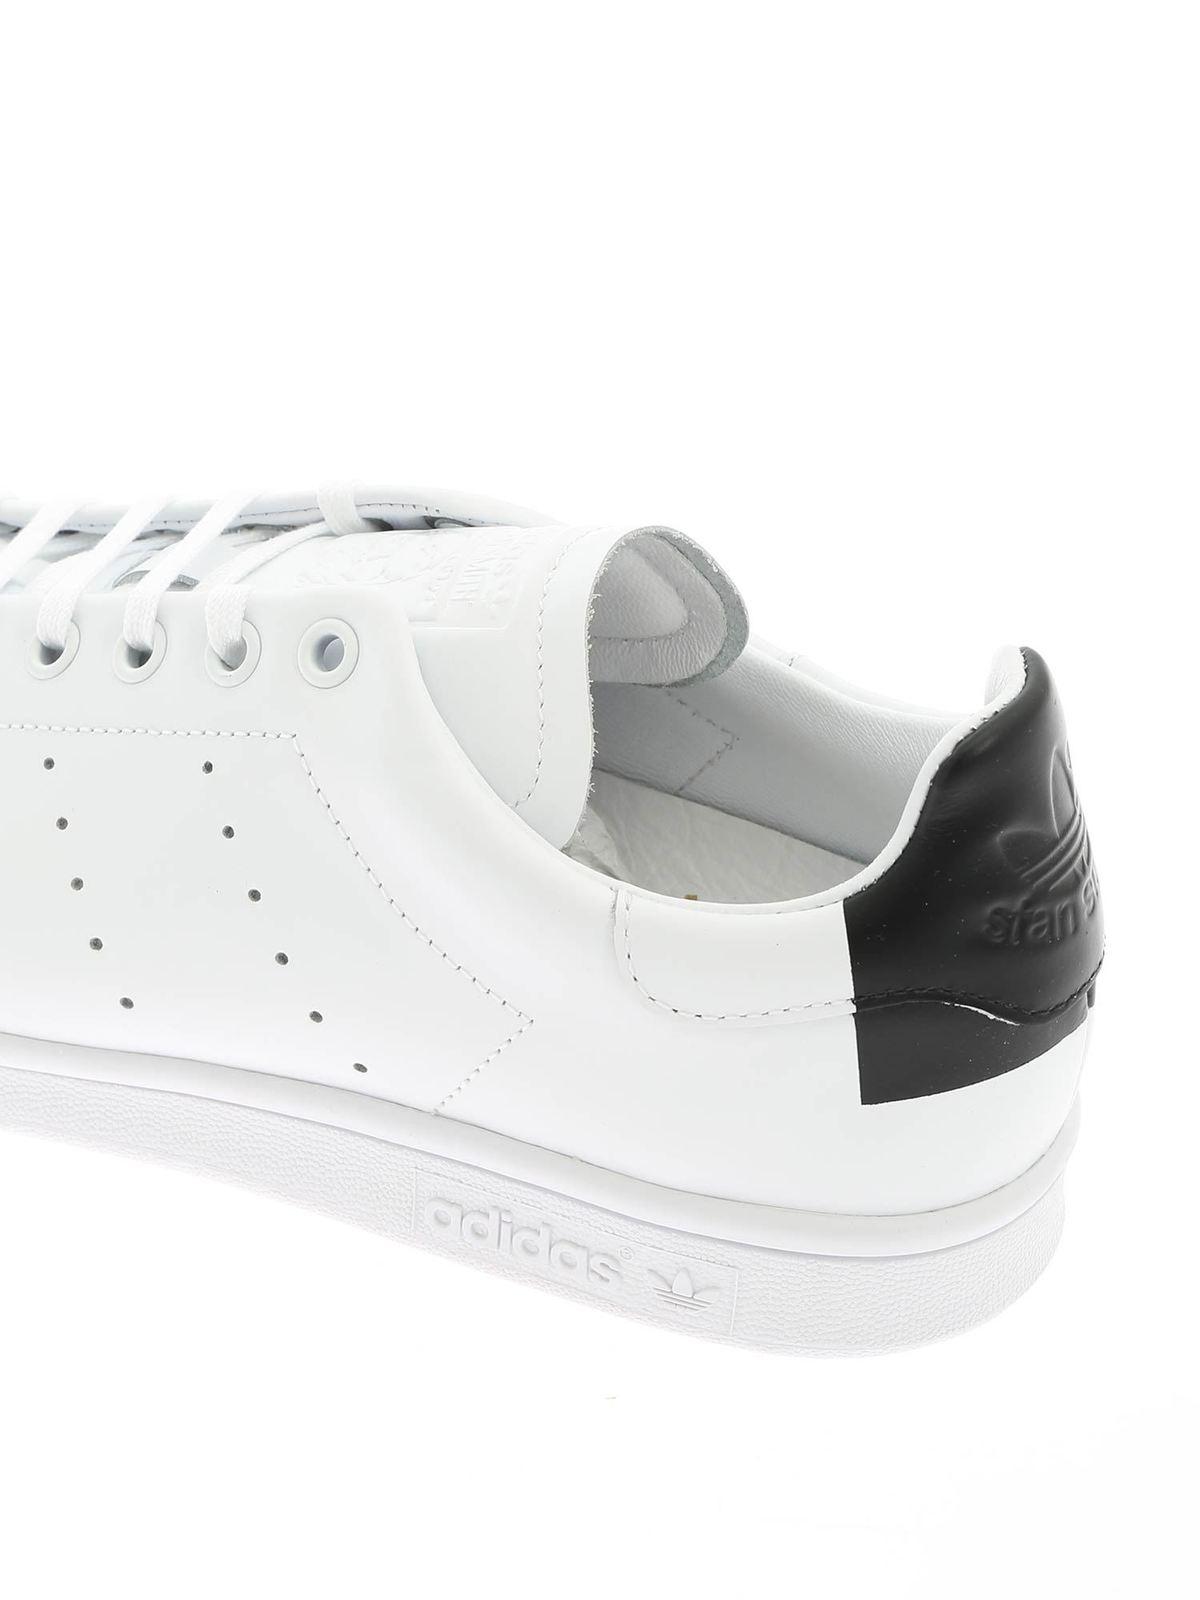 Adidas Originals - Stan Smith Recon